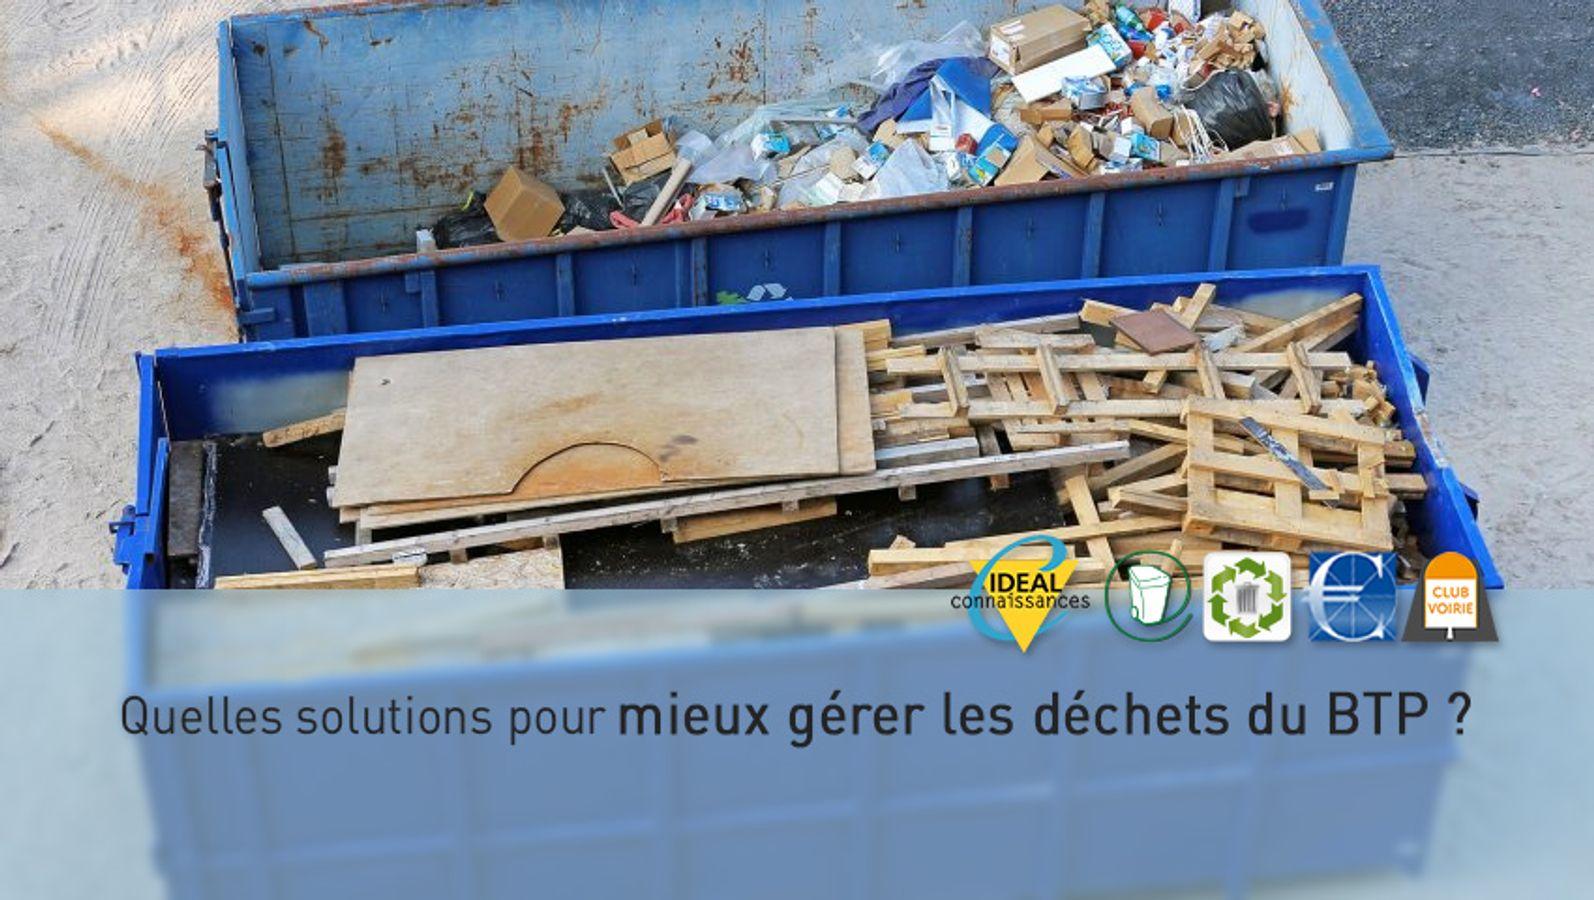 Quelles solutions pour mieux gérer les déchets du BTP ?